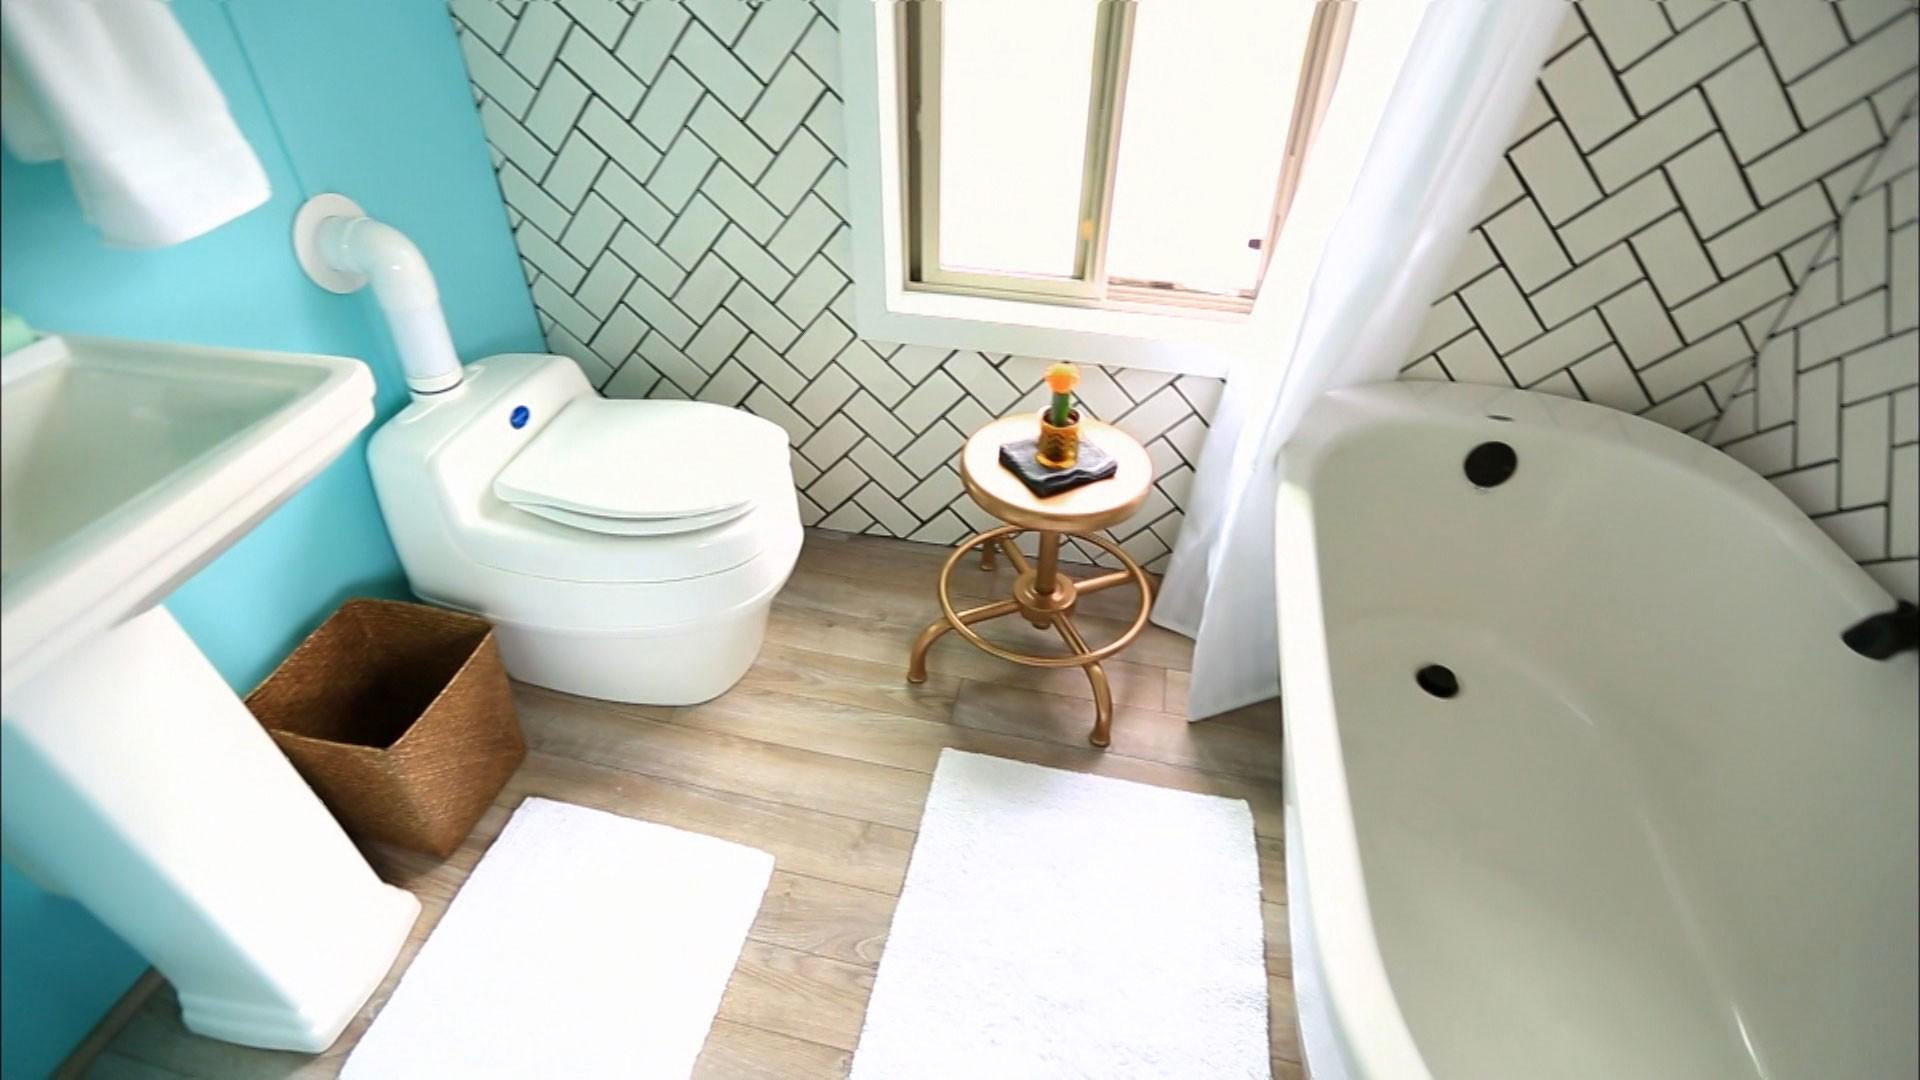 Casa de 20m² comporta banheira cozinha completa quarto de casal e  #2D757B 1920 1080